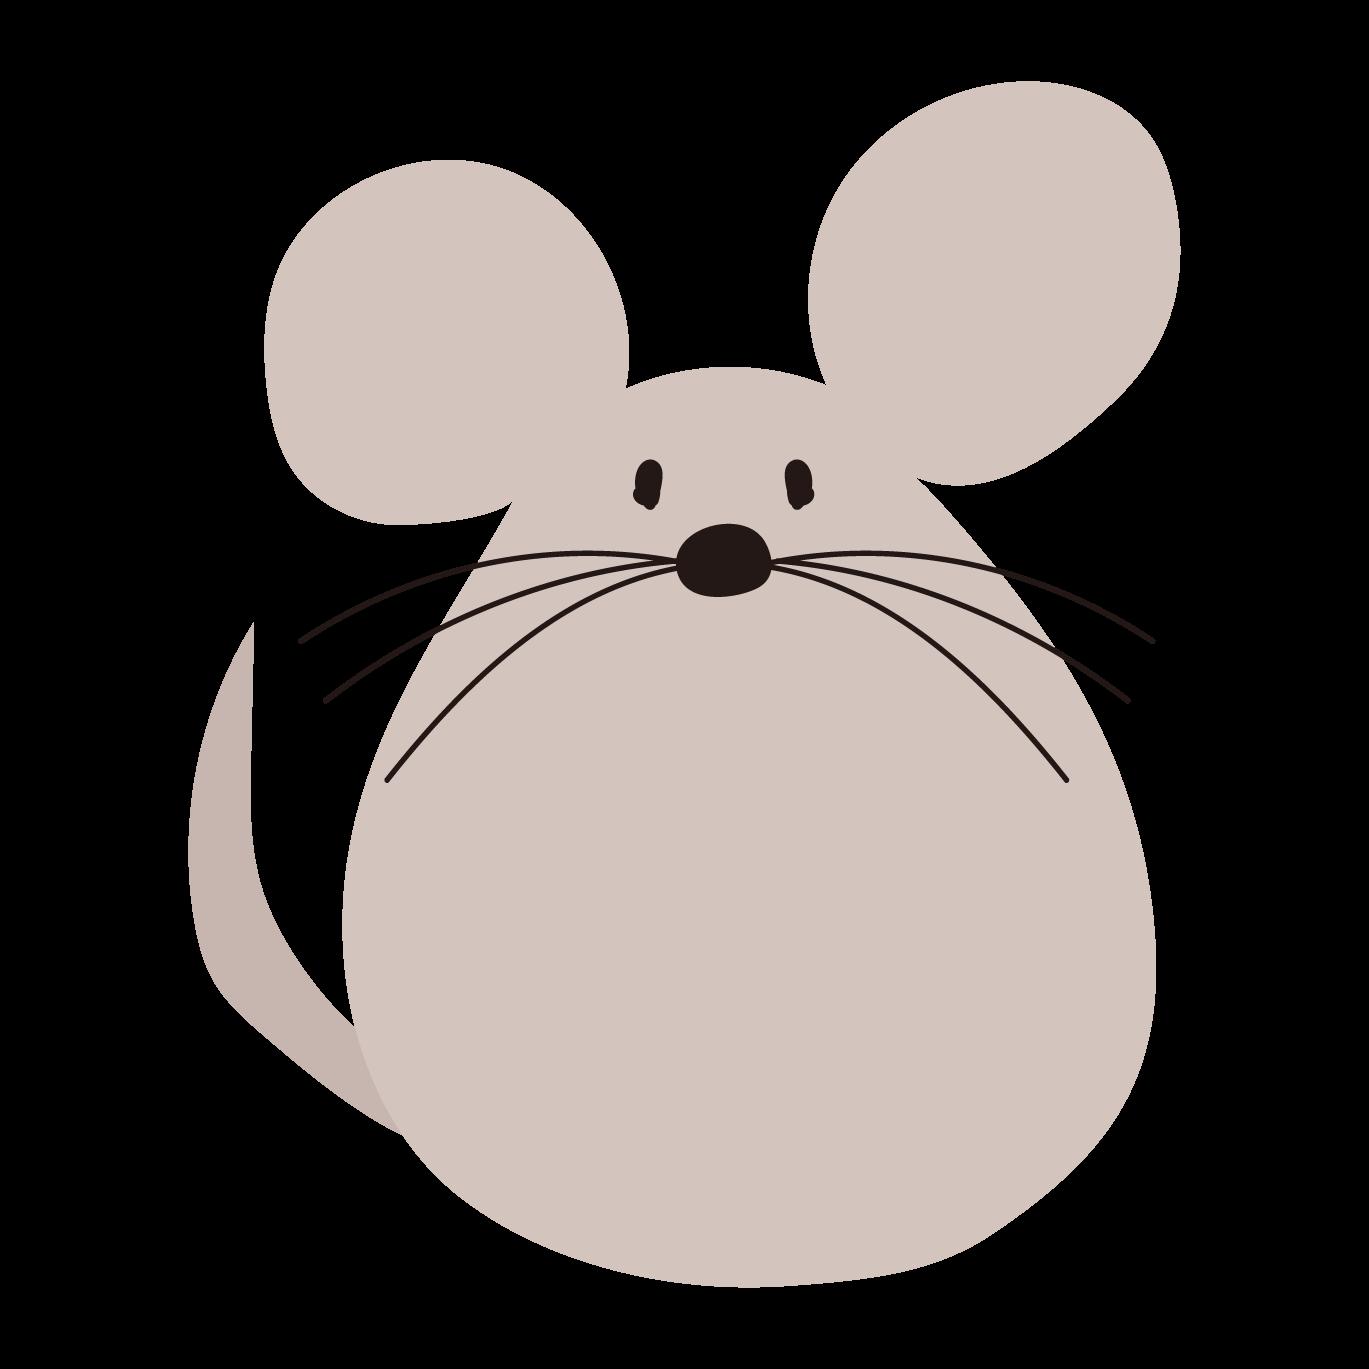 年 無料 ネズミ イラスト